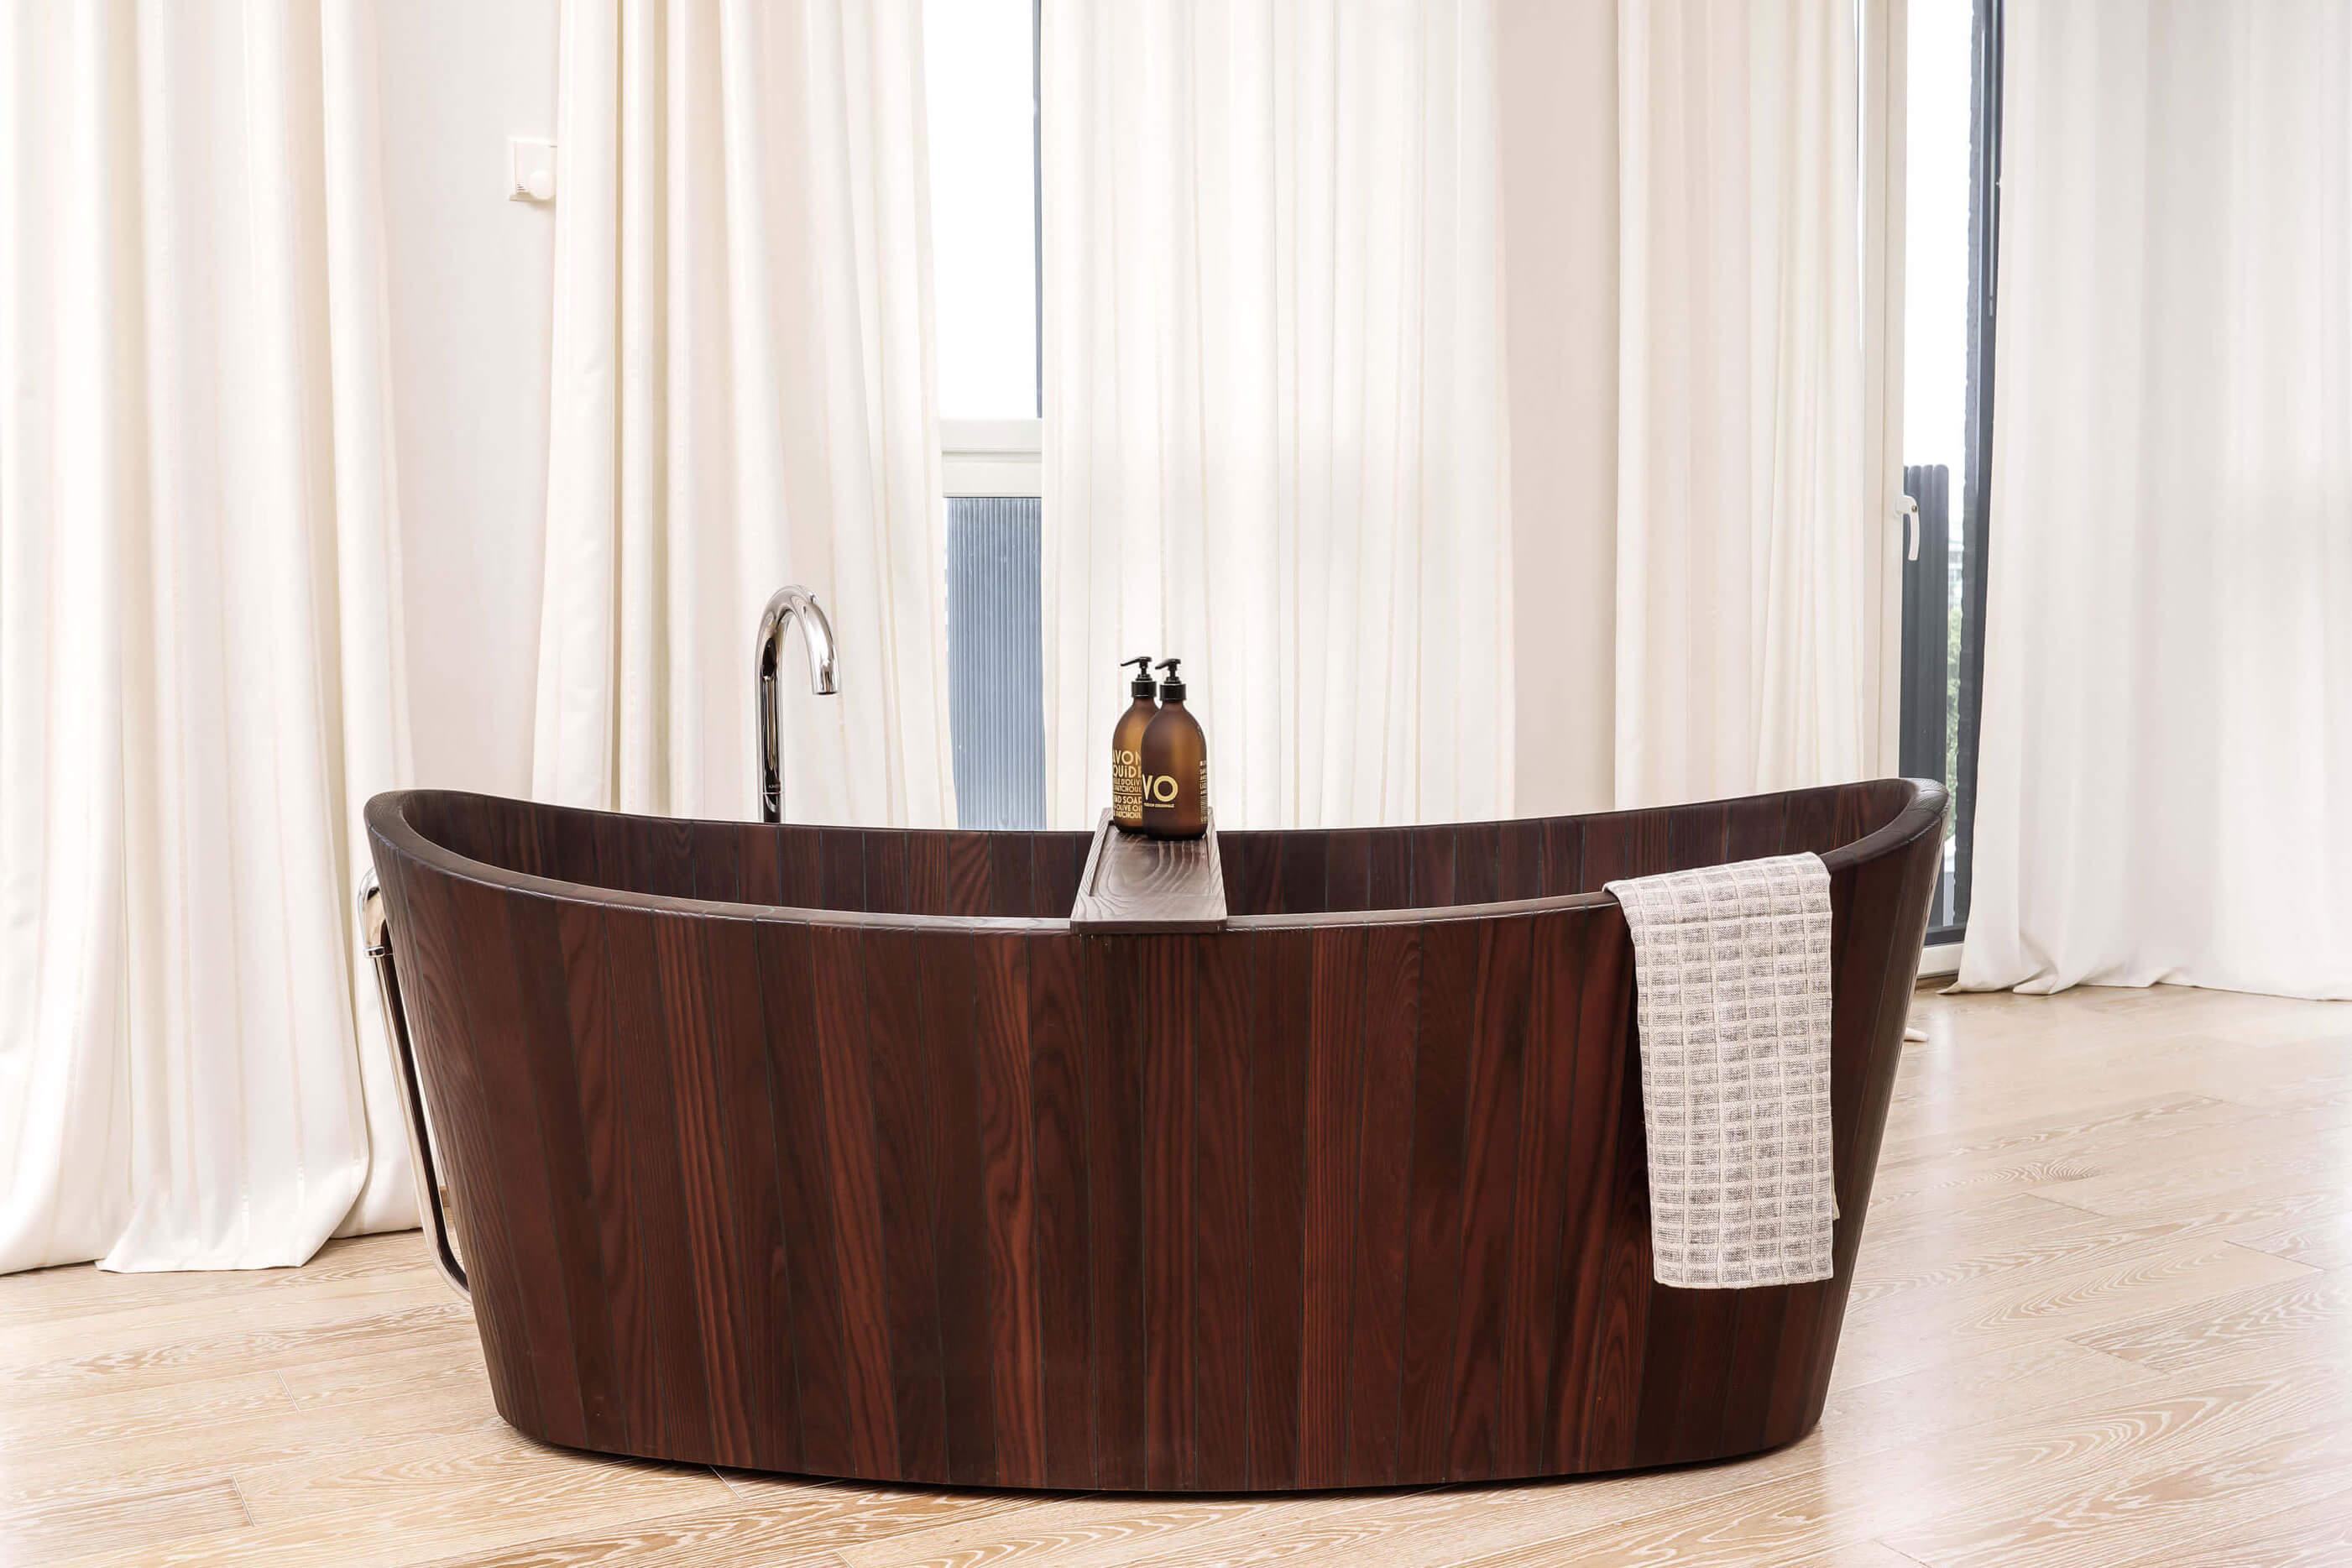 KHIS bath